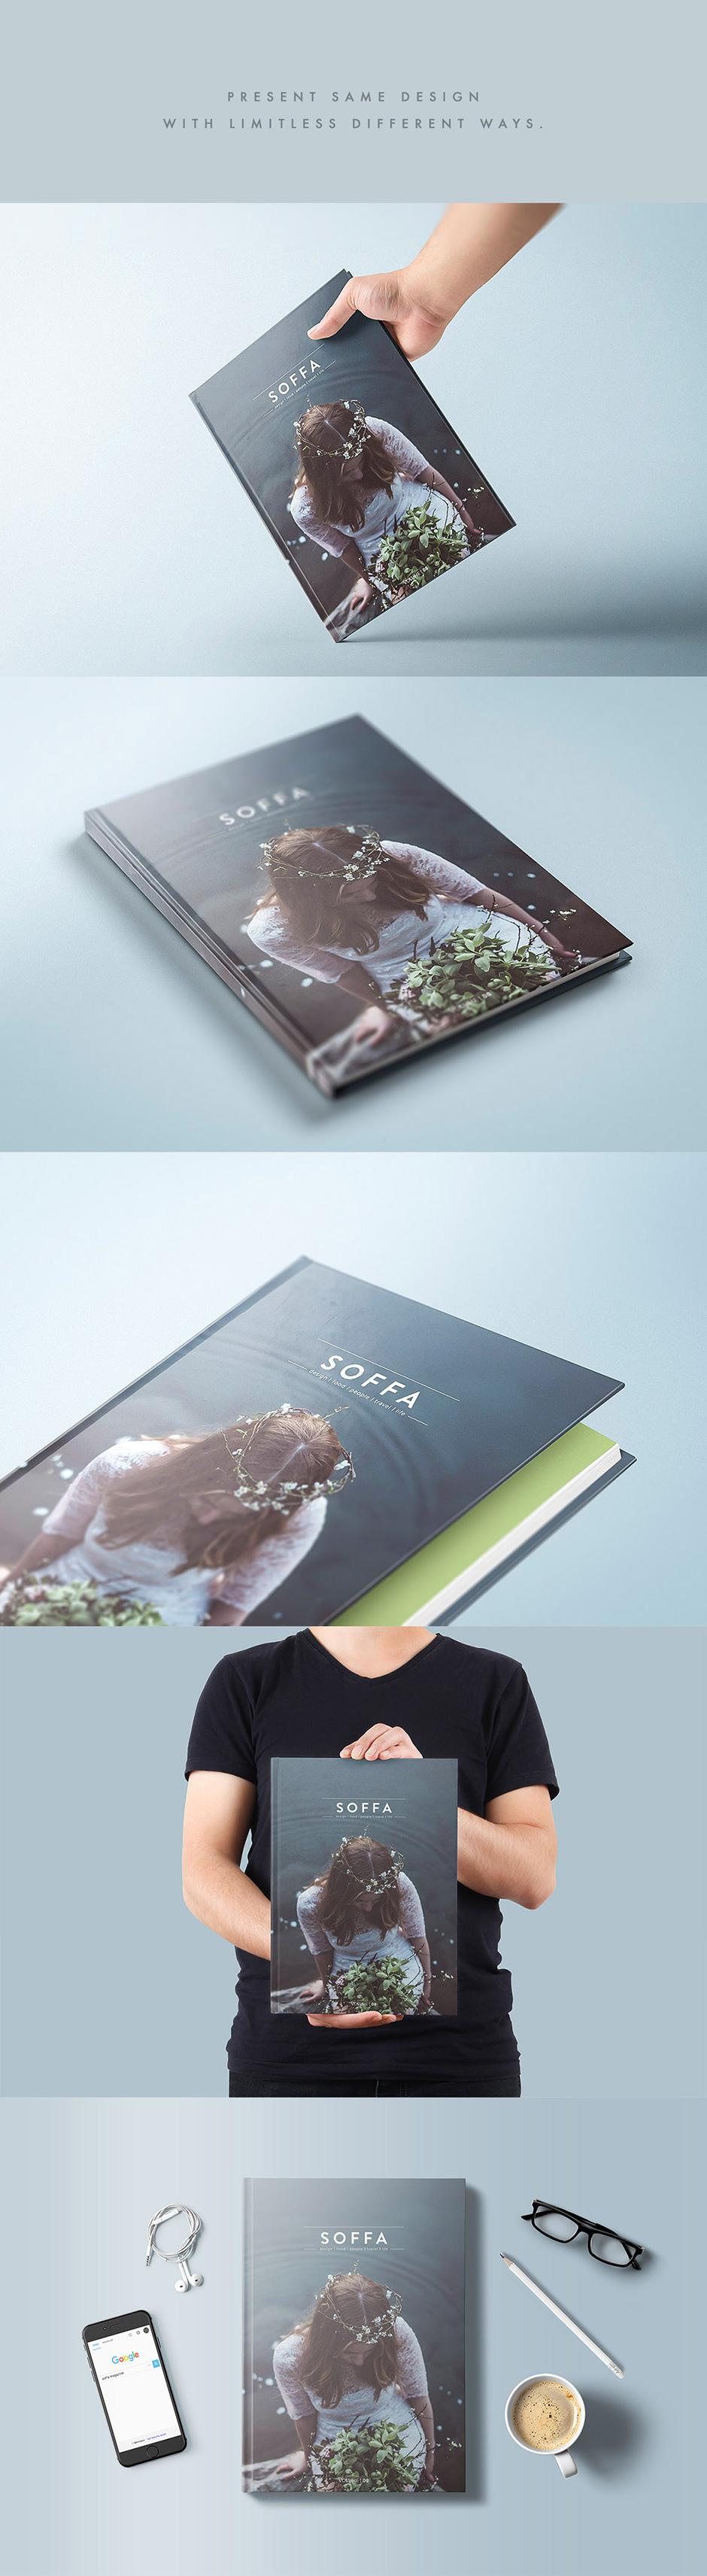 print pack main image11 design habitat